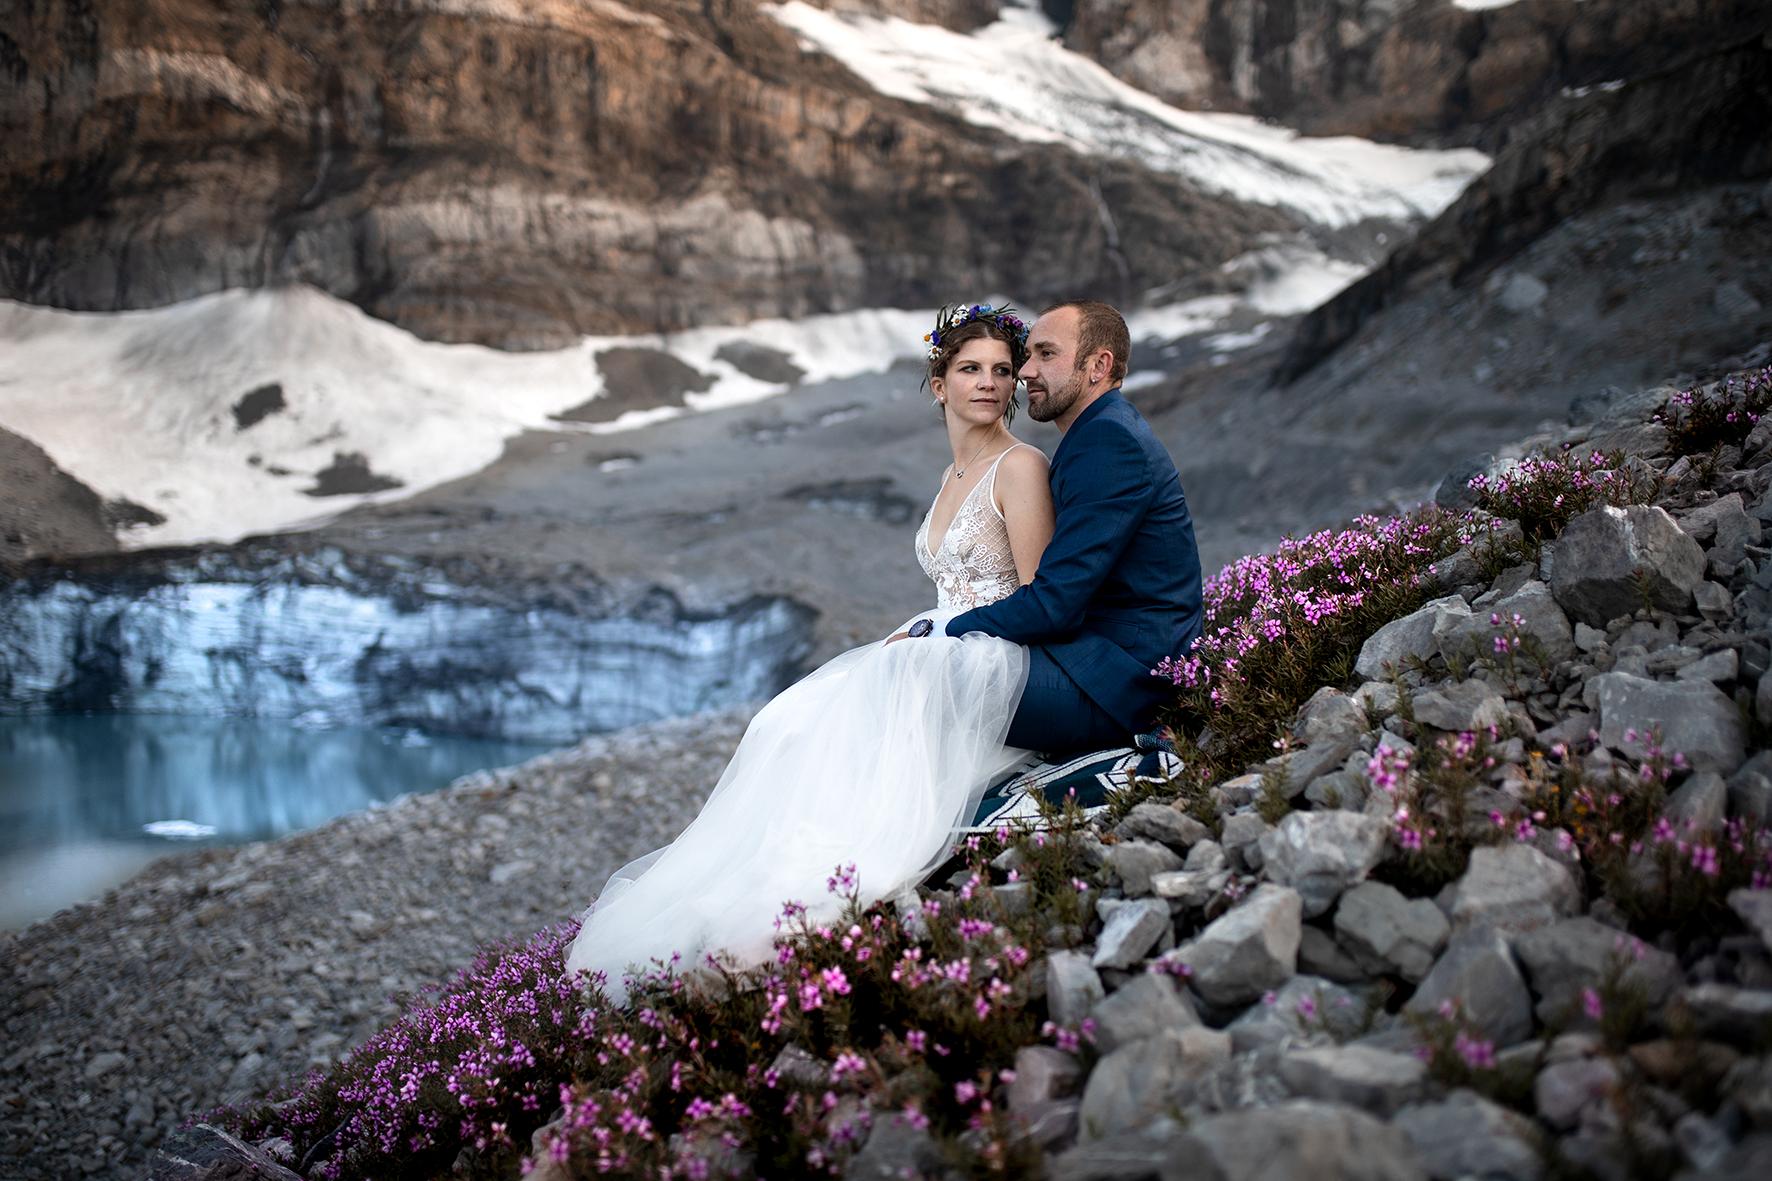 After_Wedding_Shooting_Schweiz_Alpen_05